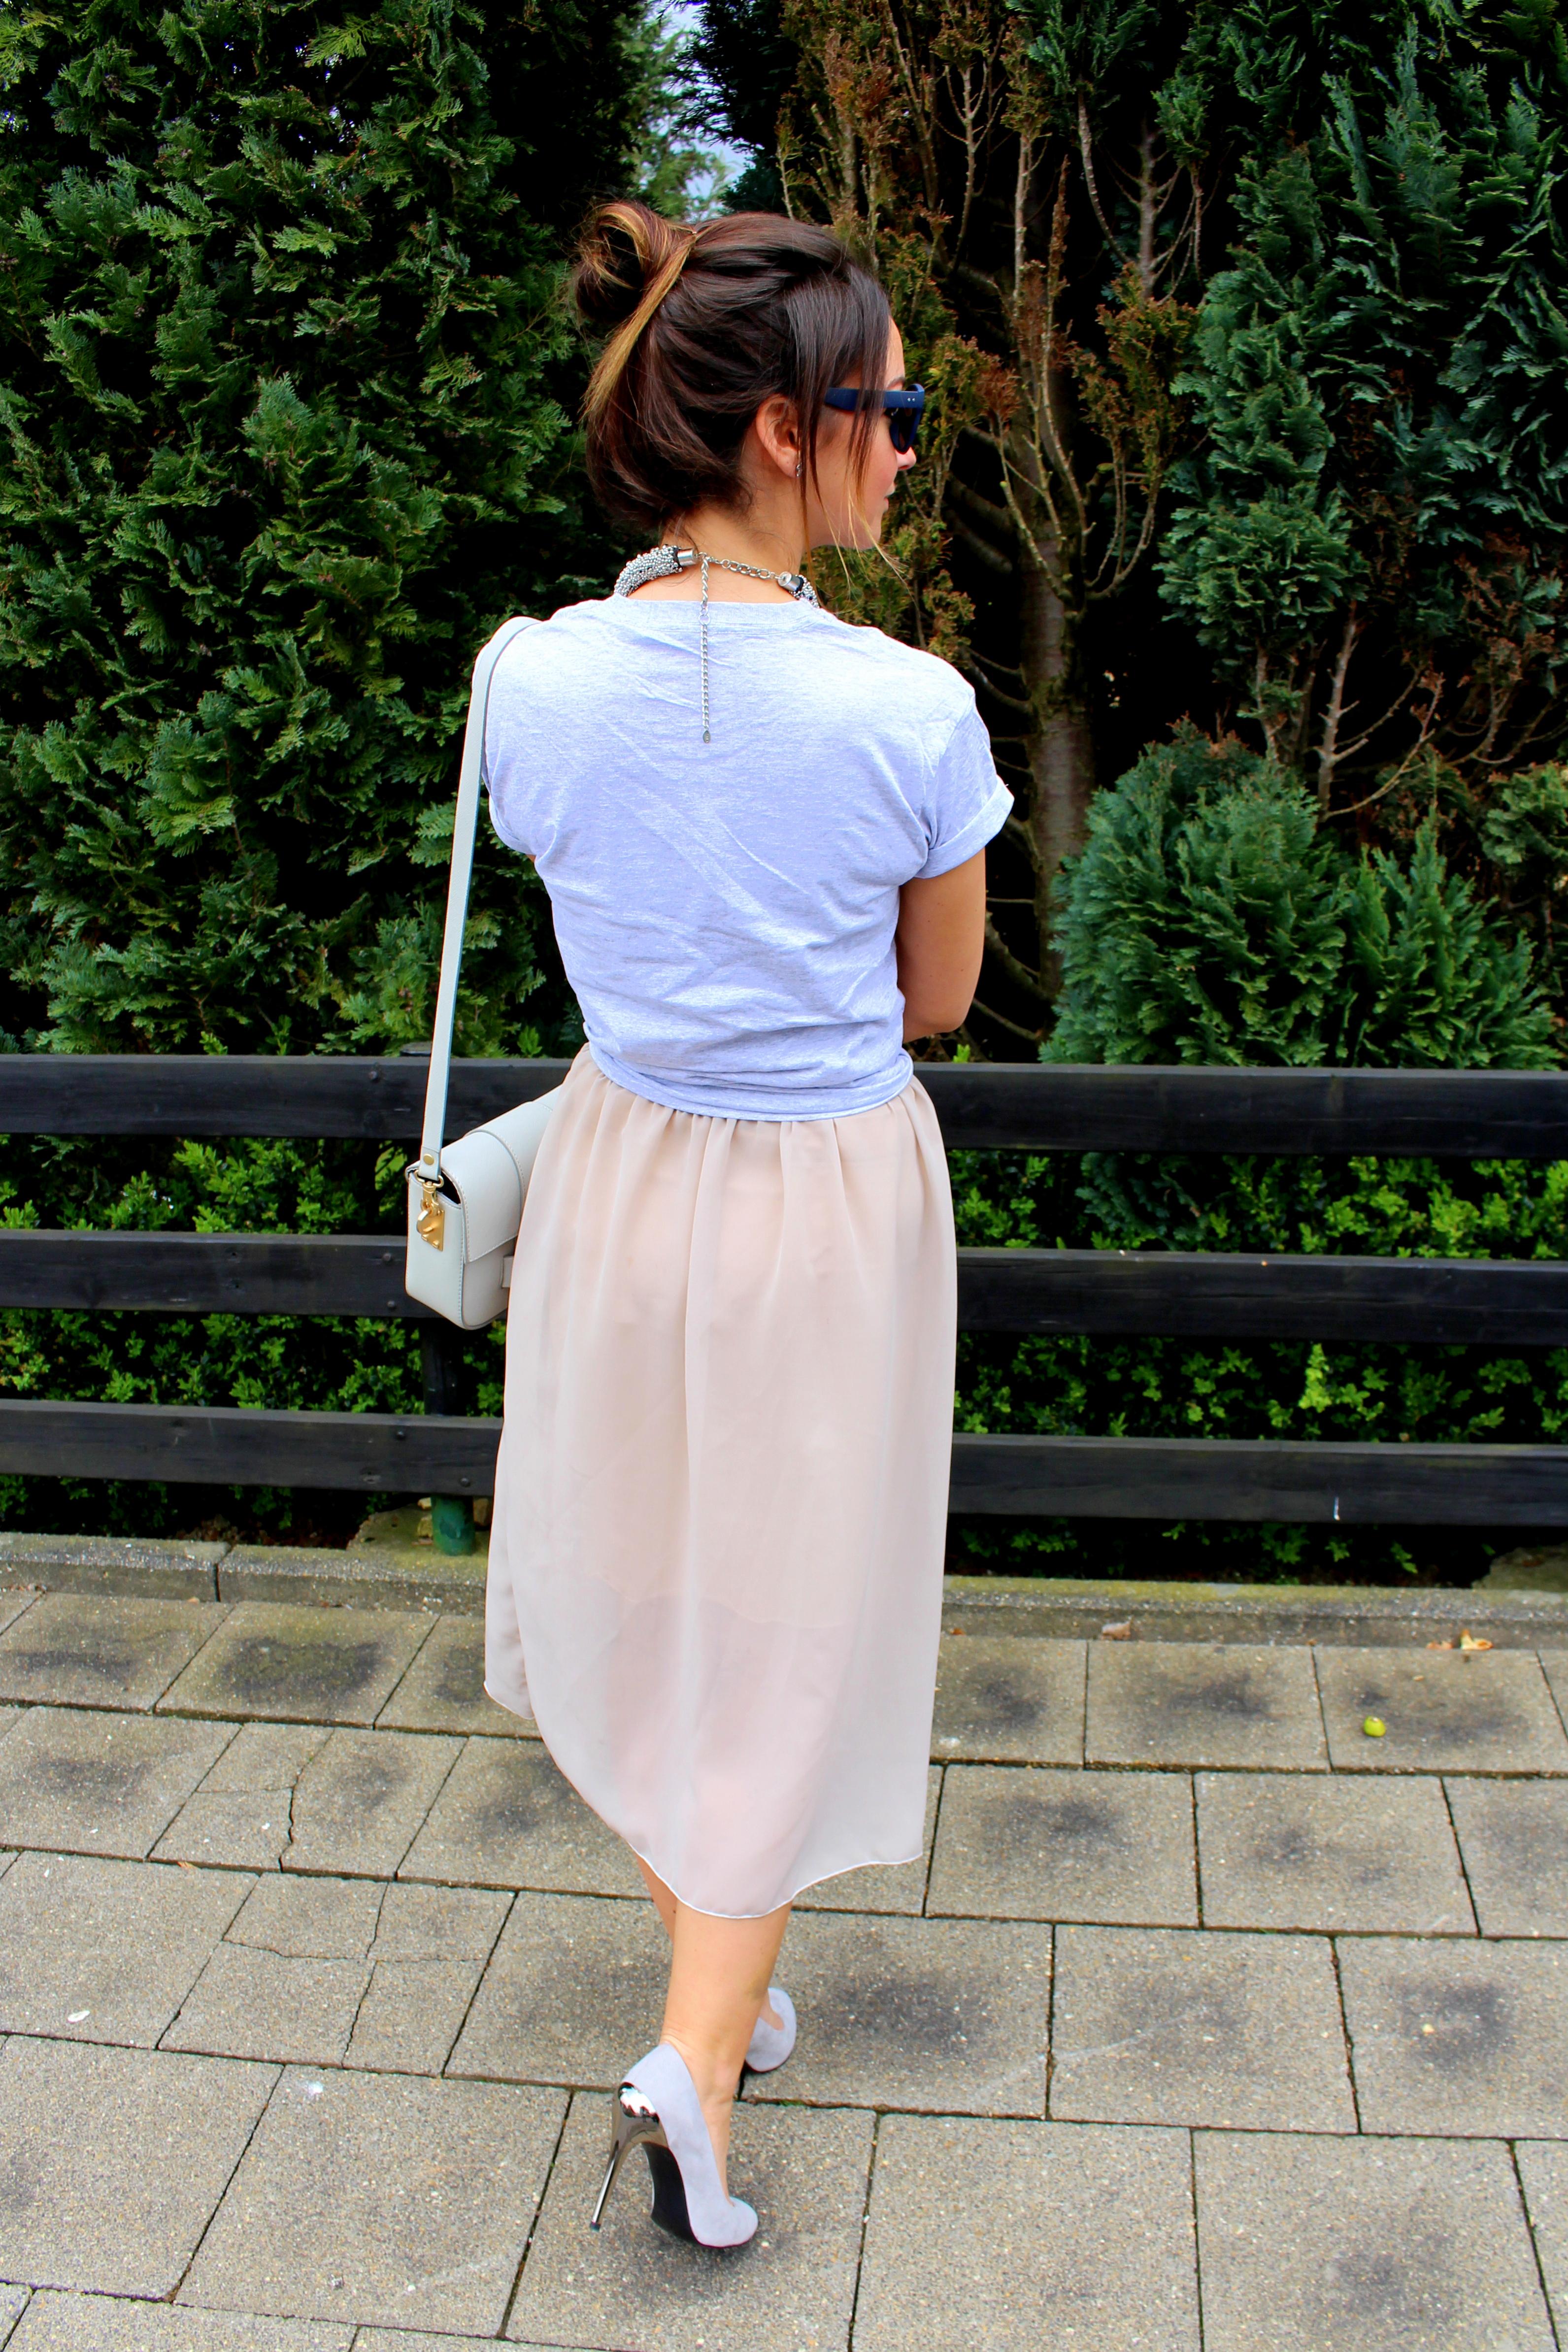 Fashioncircuz by Jenny img_5275 SUNDAYS...